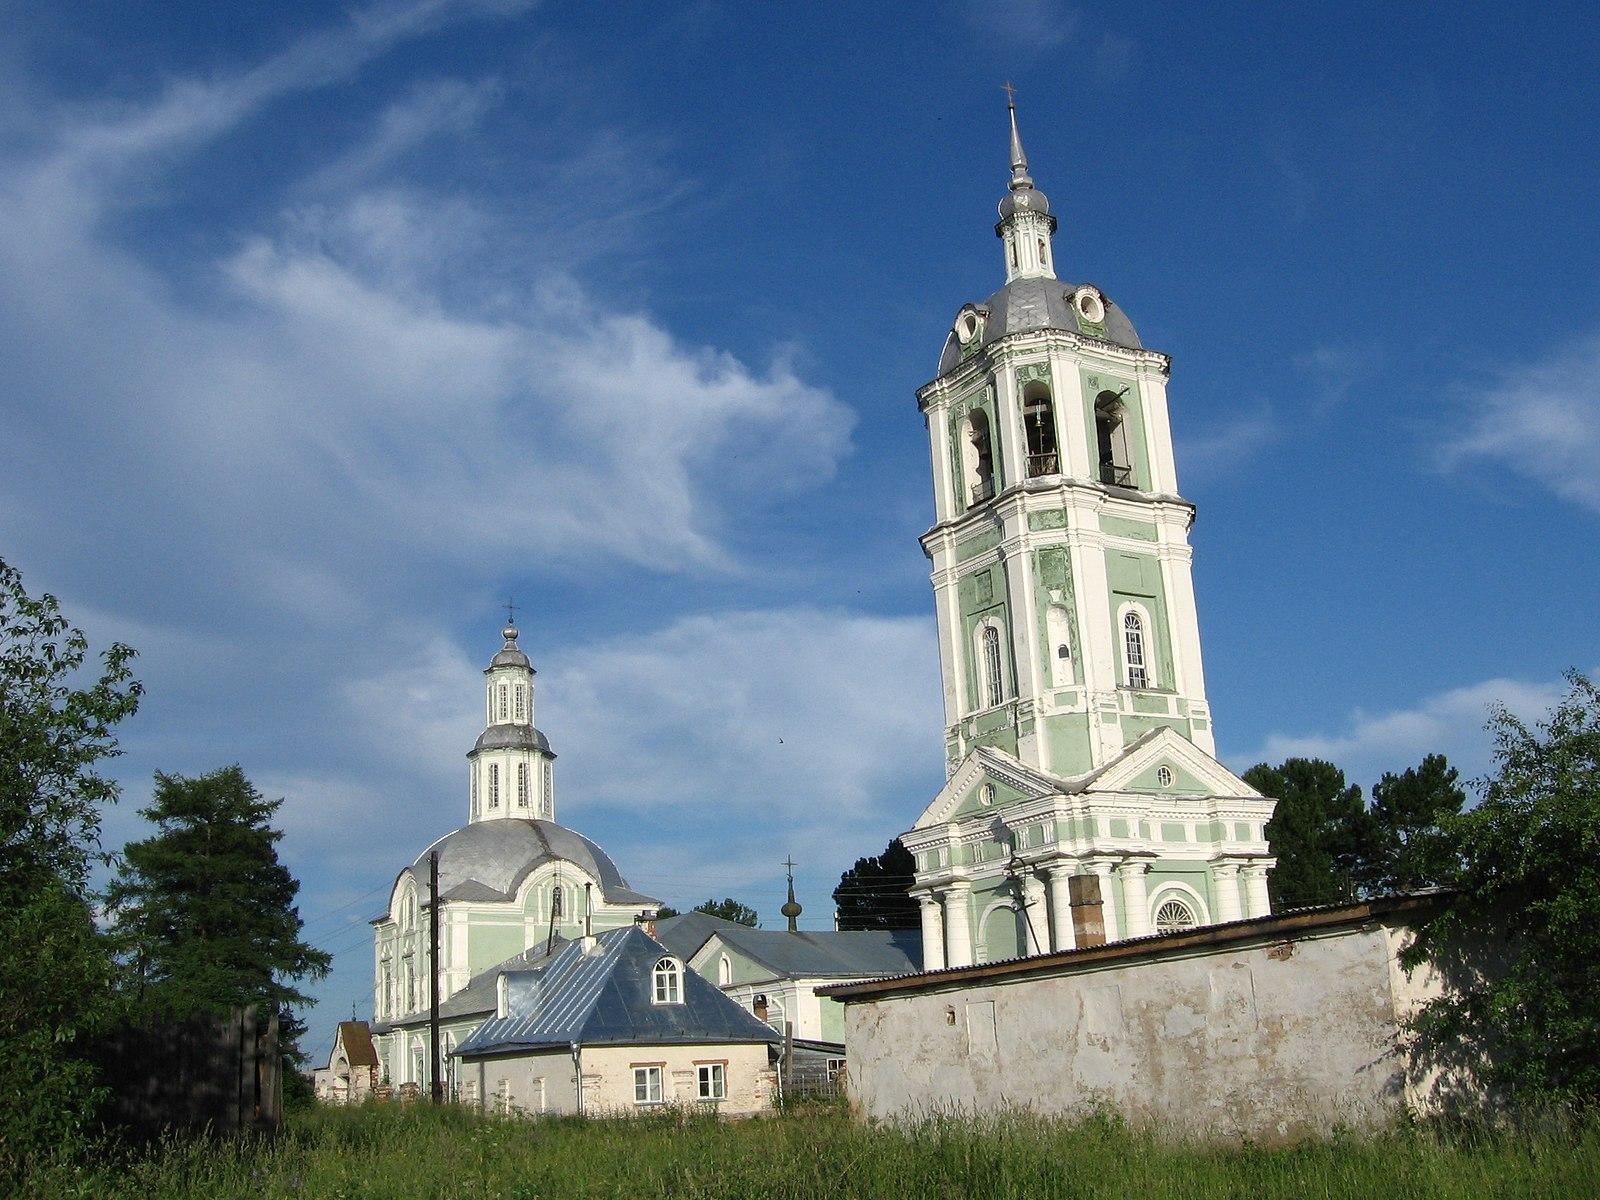 золото это село волково кировская область фото компанию